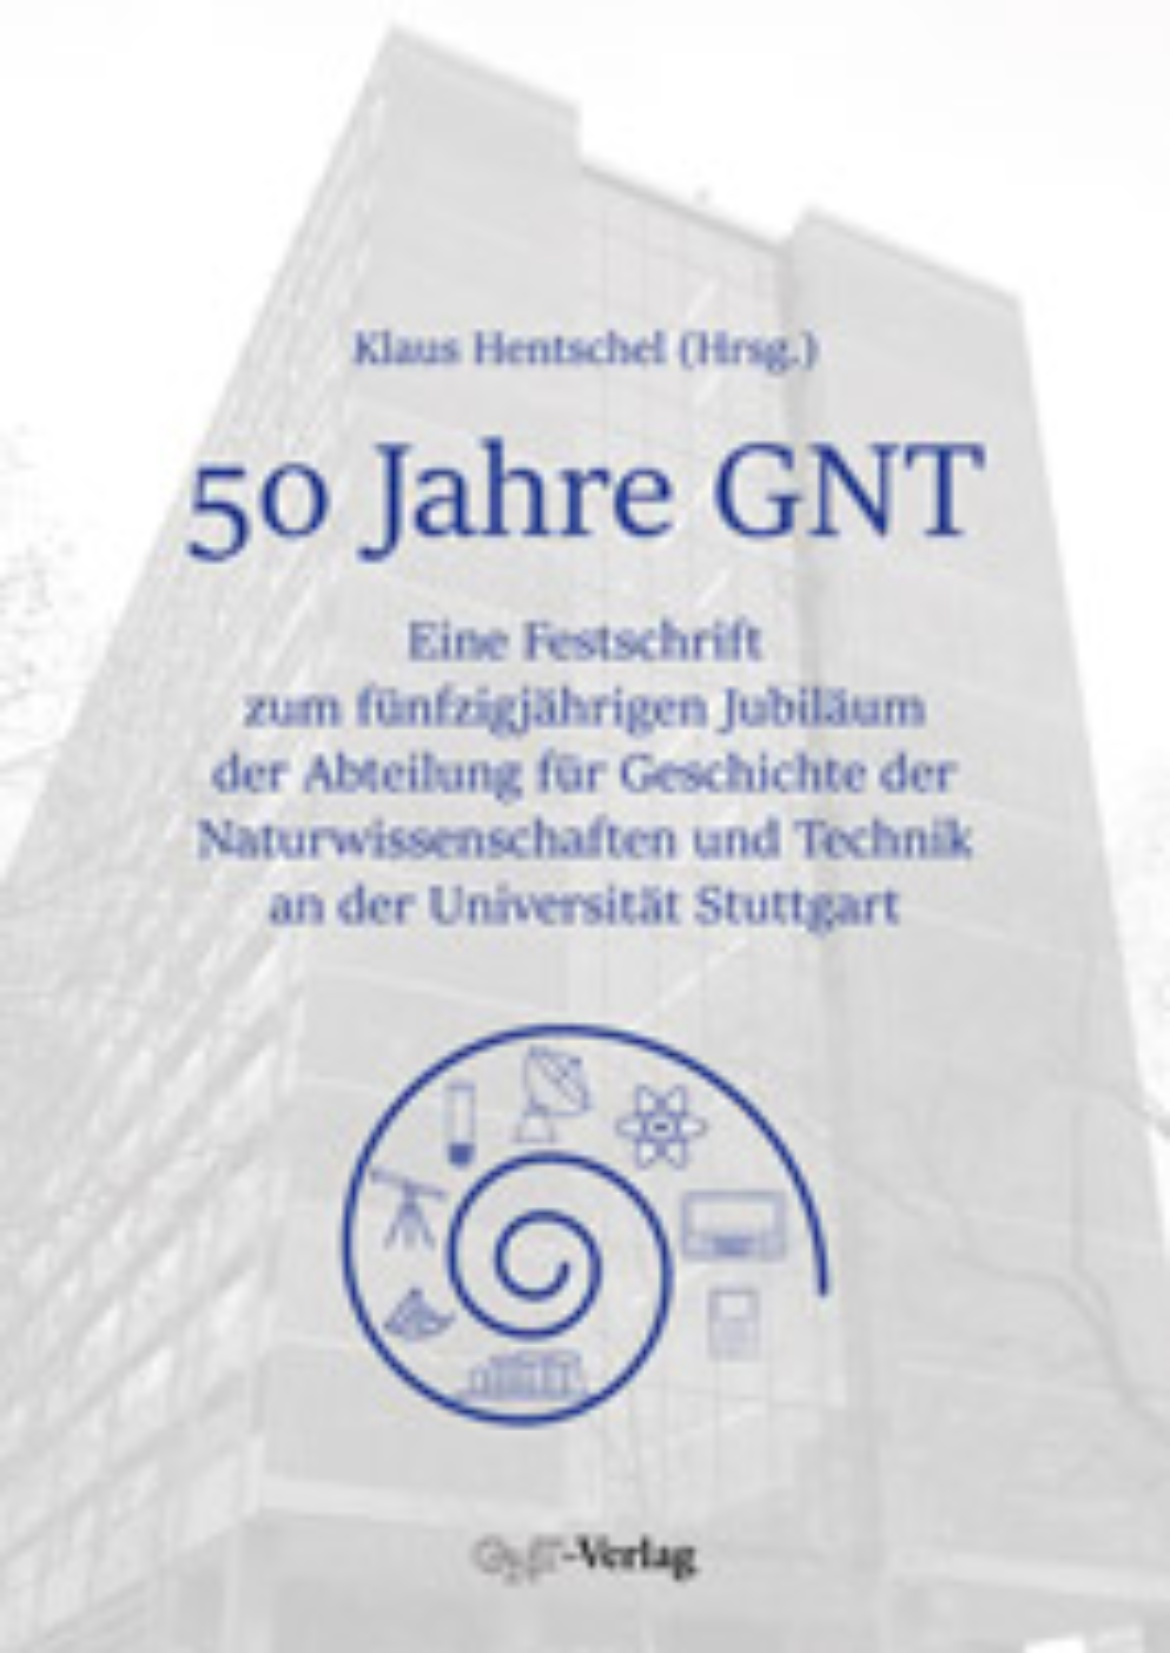 Festschrift zum 50jährigen Jubiläum der GNT 2018 (c)